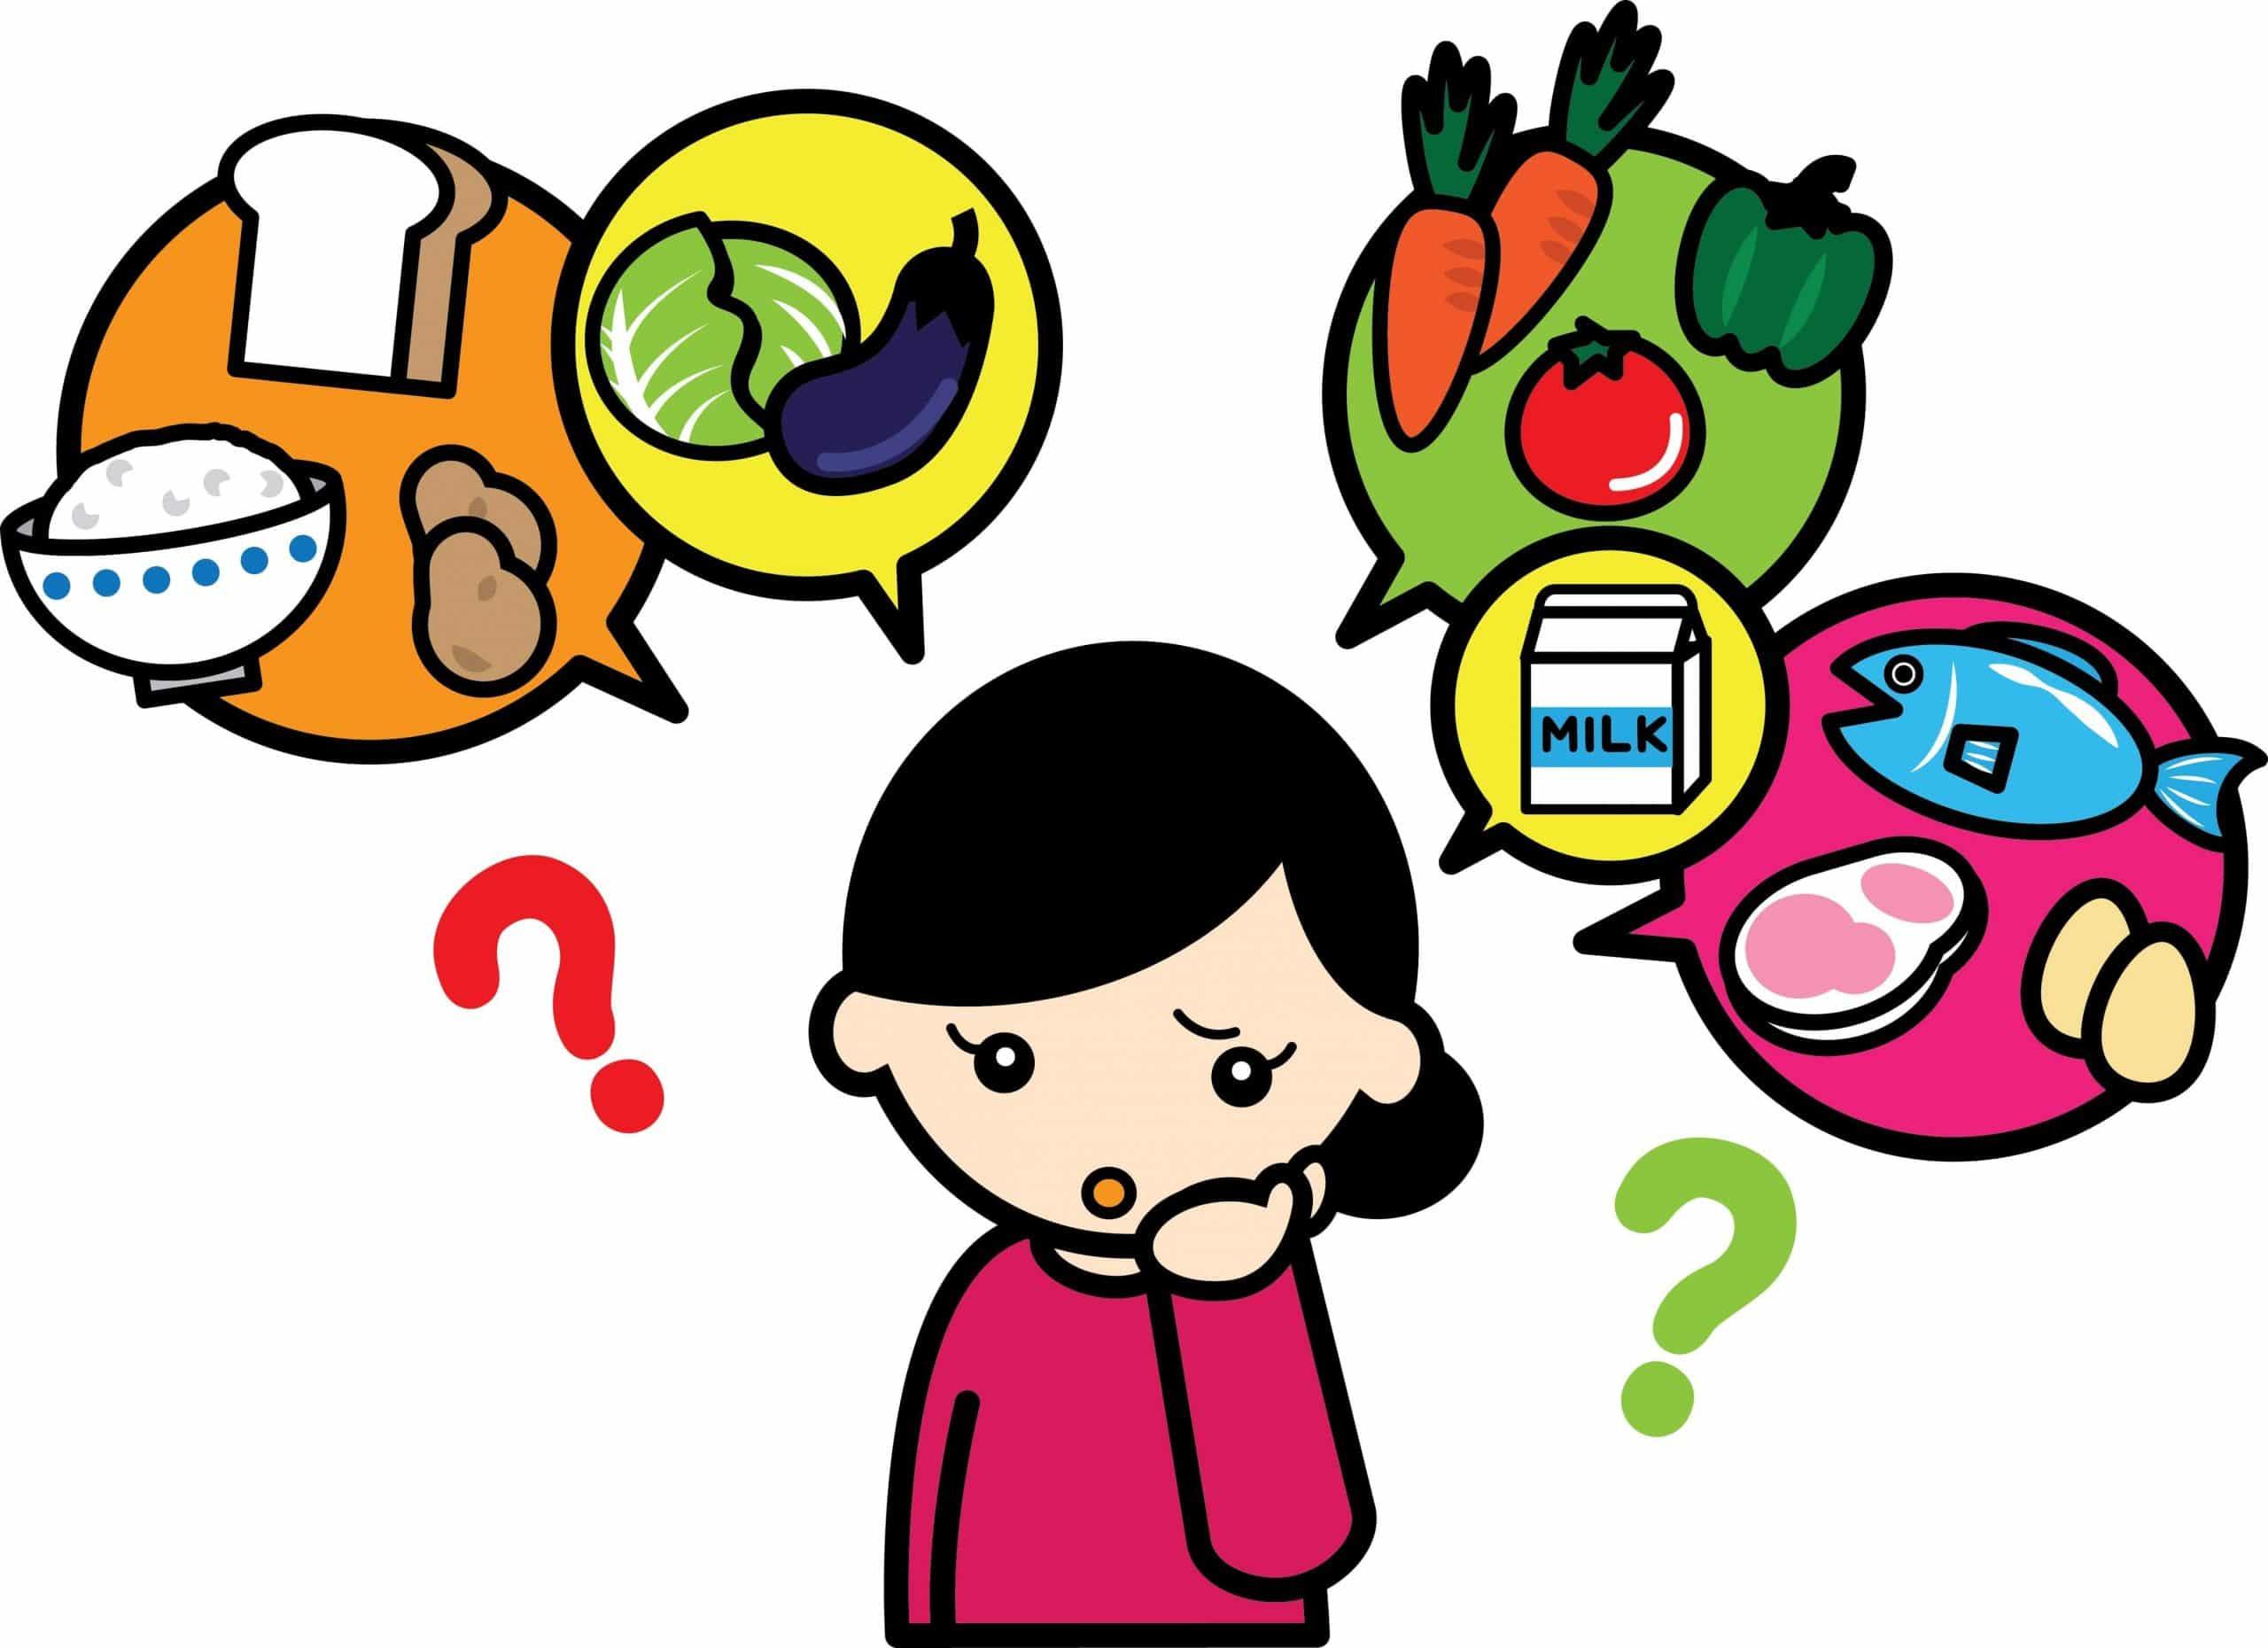 какие продукты выбрать чтобы не случился приступ